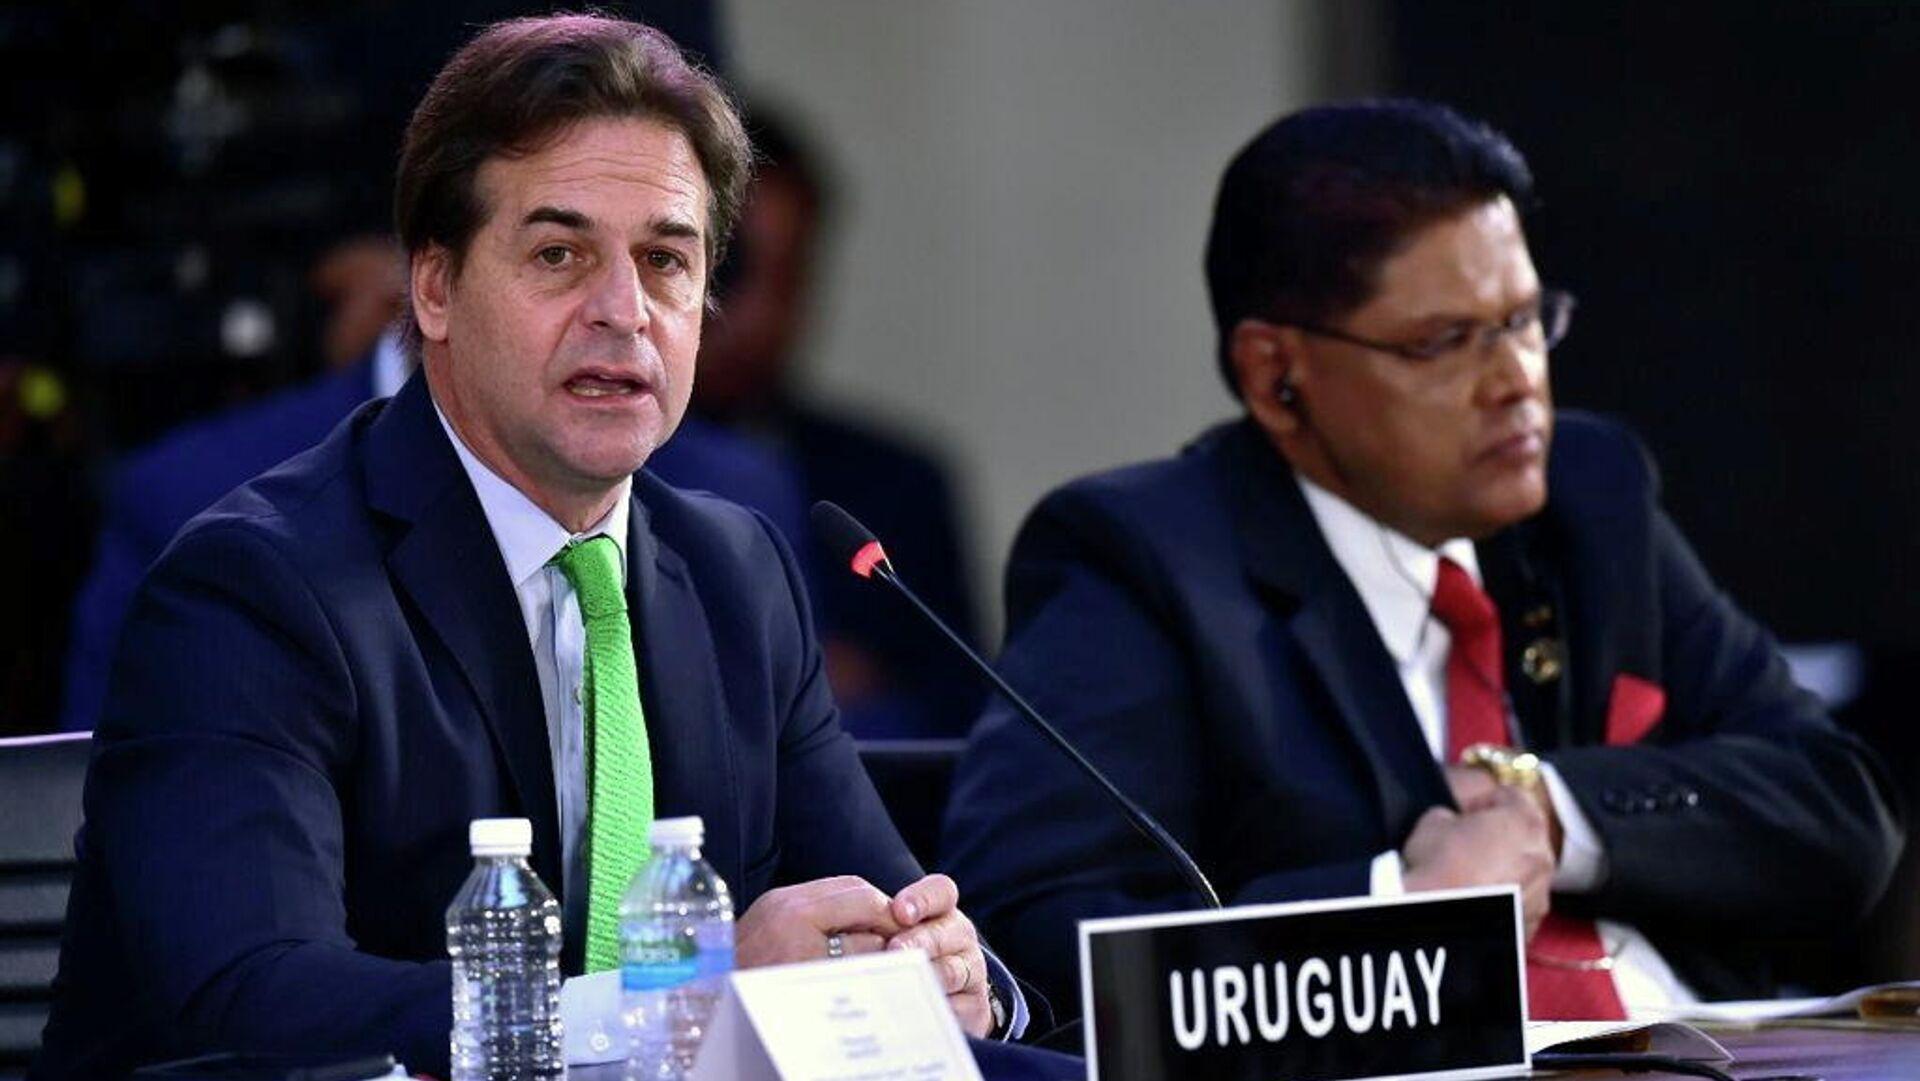 El presidente de Uruguay, Luis Lacalle Pou, al lado del presidente de Surinam, Chan Santokhi, durante la Cumbre de la Comunidad de Estados Latinoamericanos y Caribeños (CELAC), en el Palacio Nacional en Ciudad de México, México, el 18 de septiembre de 2021 - Sputnik Mundo, 1920, 19.09.2021